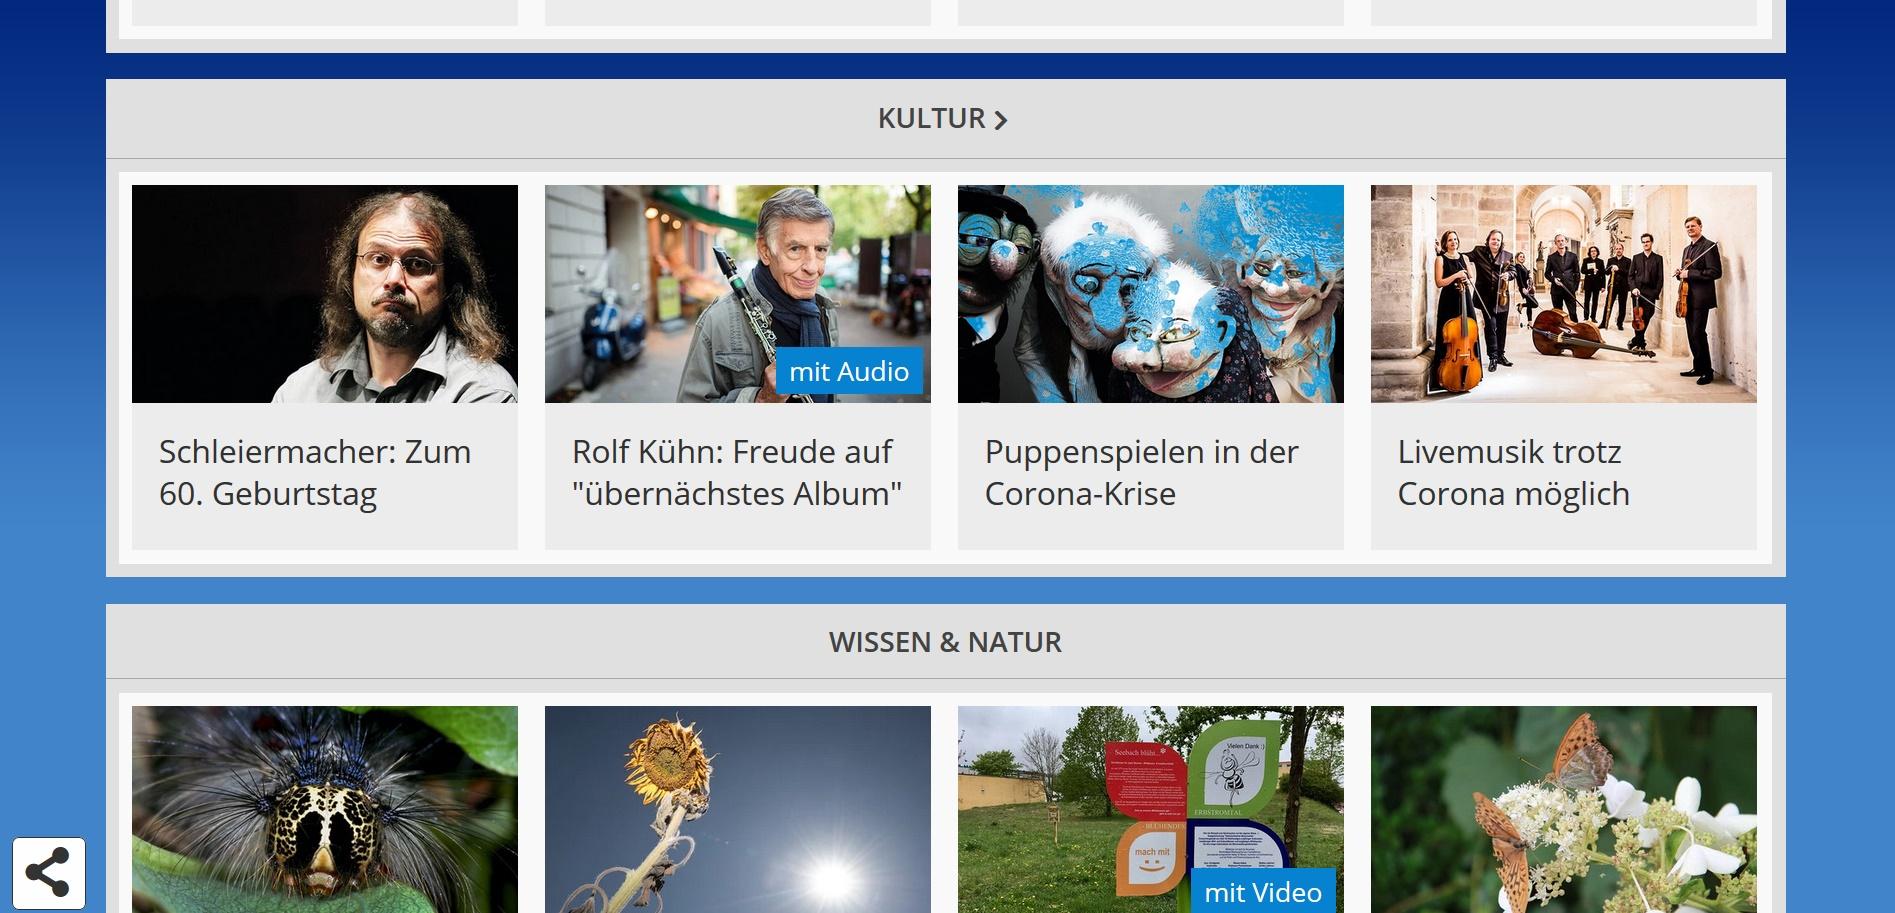 Screenshot 'Figurentheater am Livestream: Wie eine Puppenspielerin aus Halle die Corona-Krise meistert', Artikel von Luca Deutschlaänder, MDR Sachsen-Anhalt